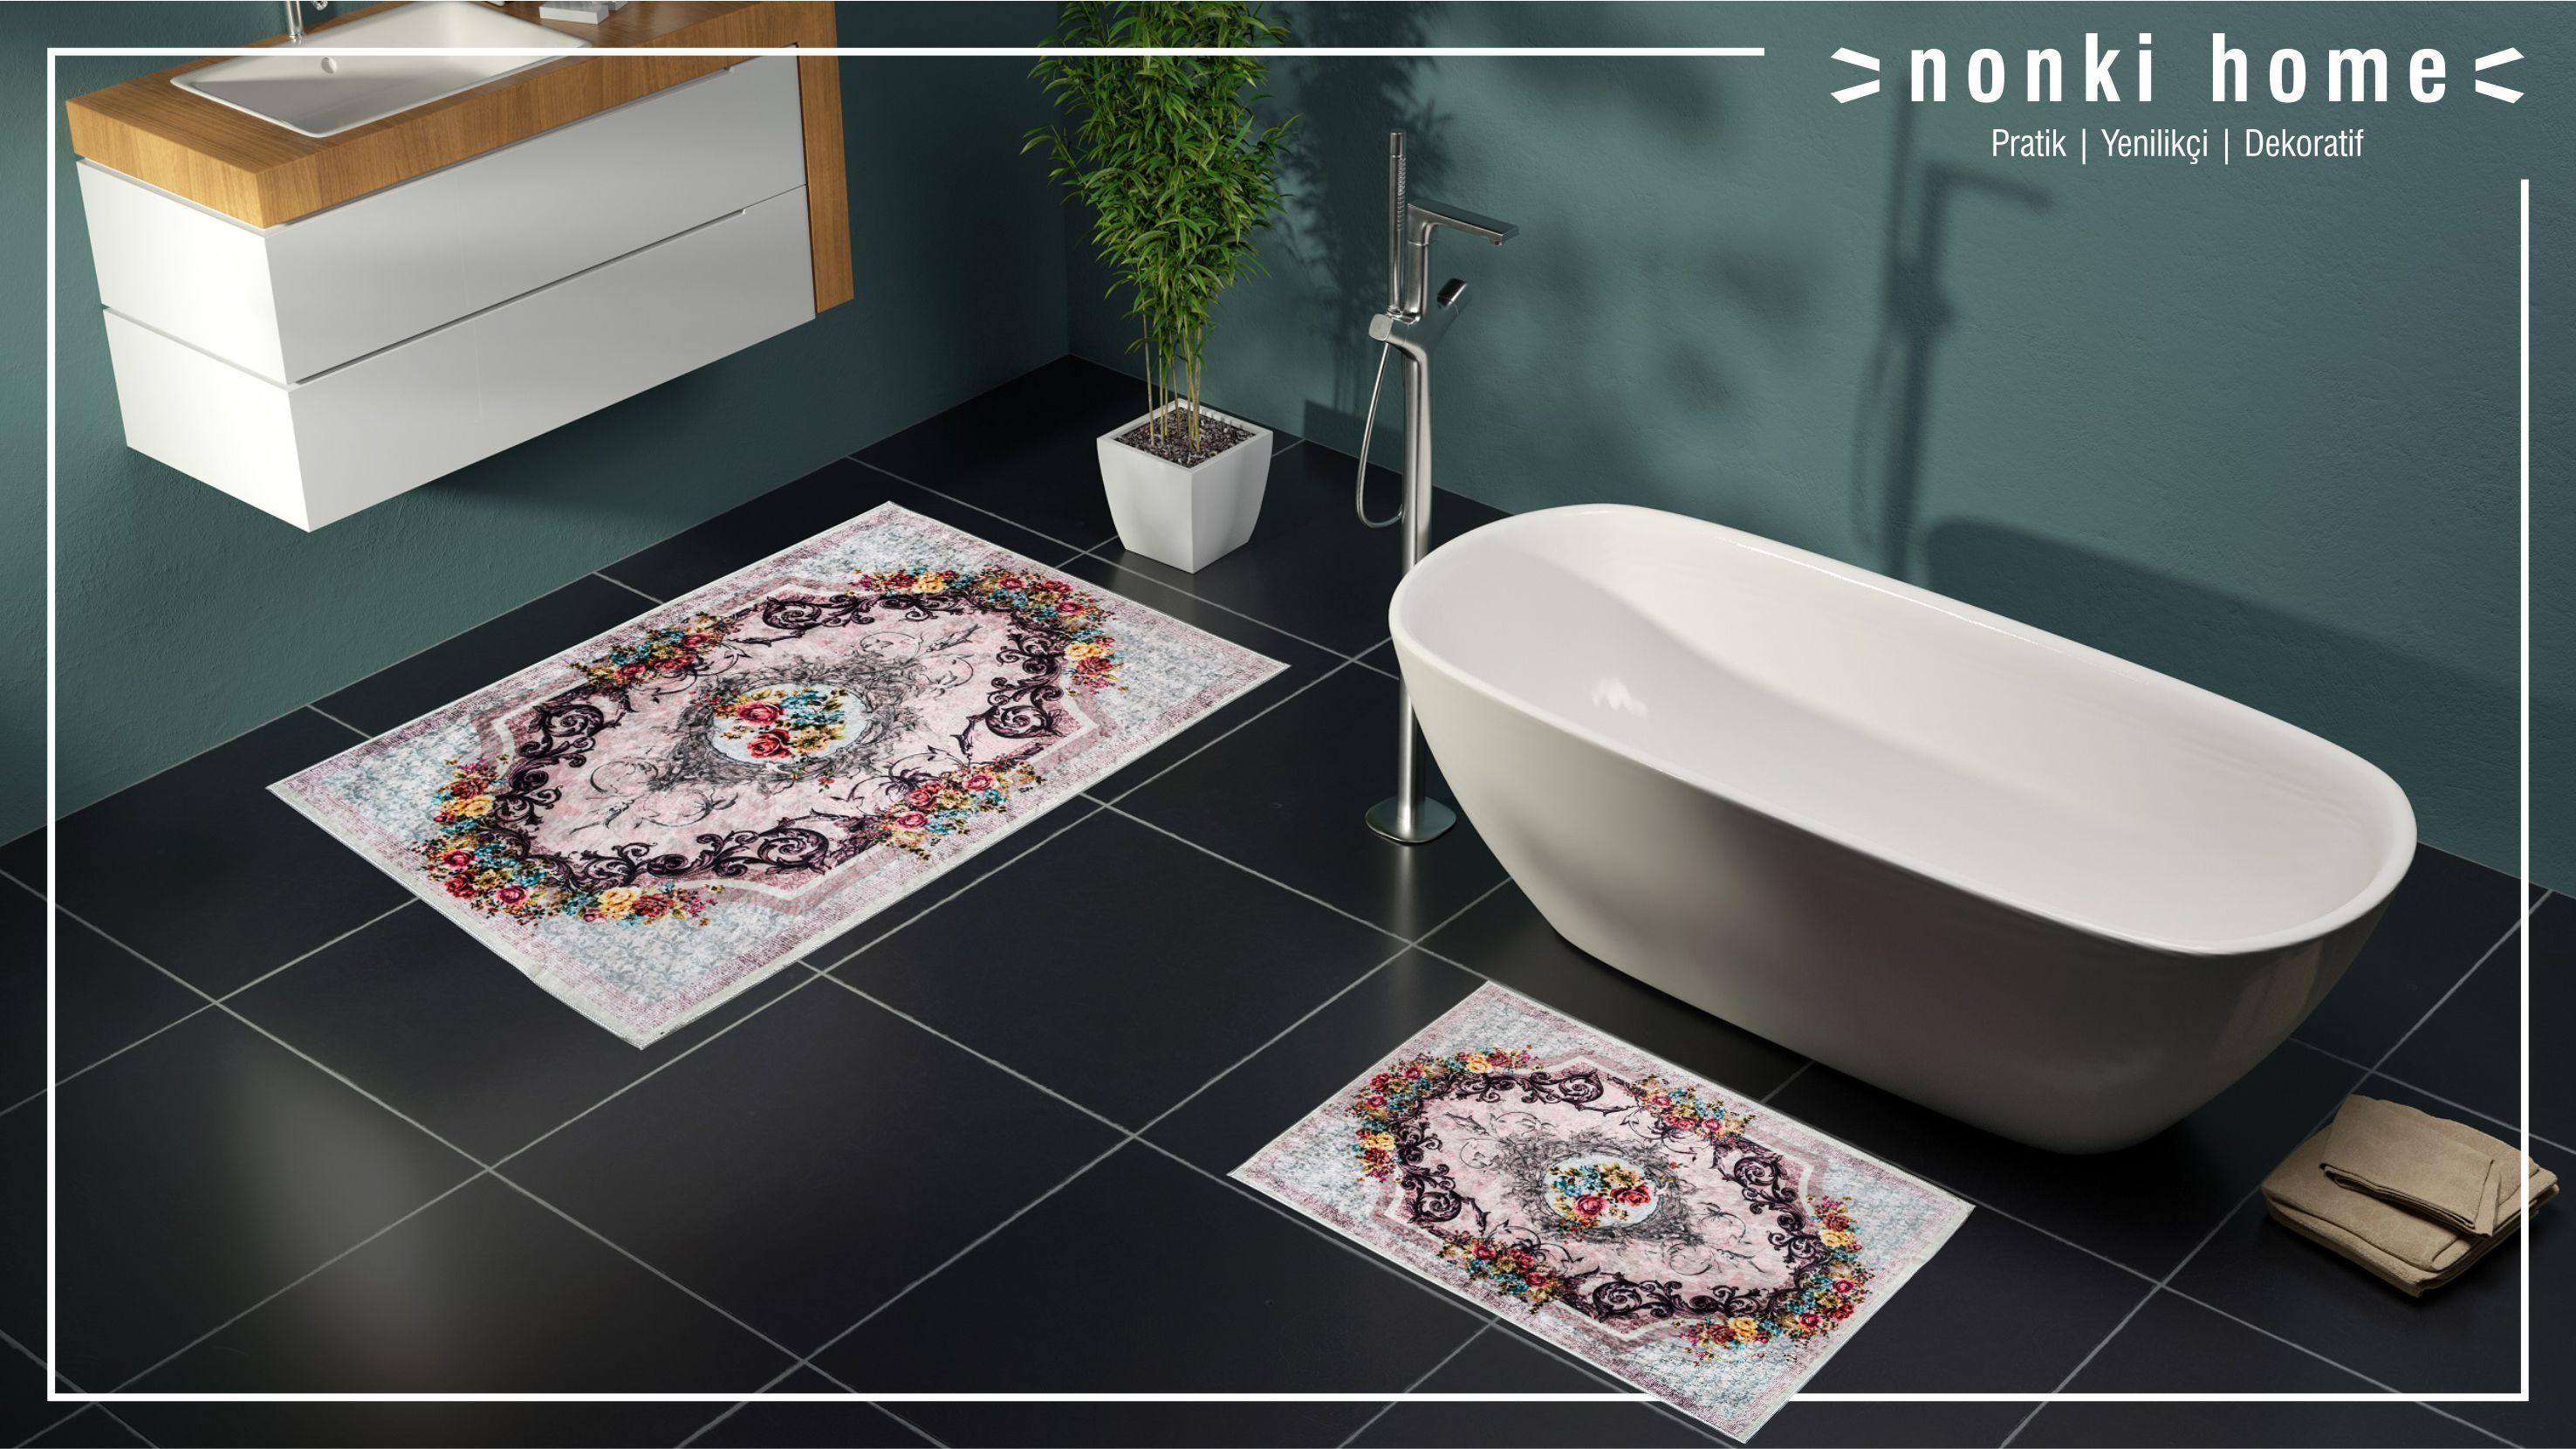 #halı #banyohalısı #banyohalı #dekorasyon #halıtakimi #dekoratifhalı #ev #evdekorasyonu #icmekan #icmimari #paspas #paspastakimi #banyopaspas #halidekorasyonu #dekor #dekoration #carpet #mobilya #mobilyadekorasyon #halımodelleri #halıörtüsü #dekorasyonfikirleri #dekorasyonadairhersey #dekorasyononerisi #tasarim #dizayn #bathroomcarpet #bathroom #evimdekor #evdekoru